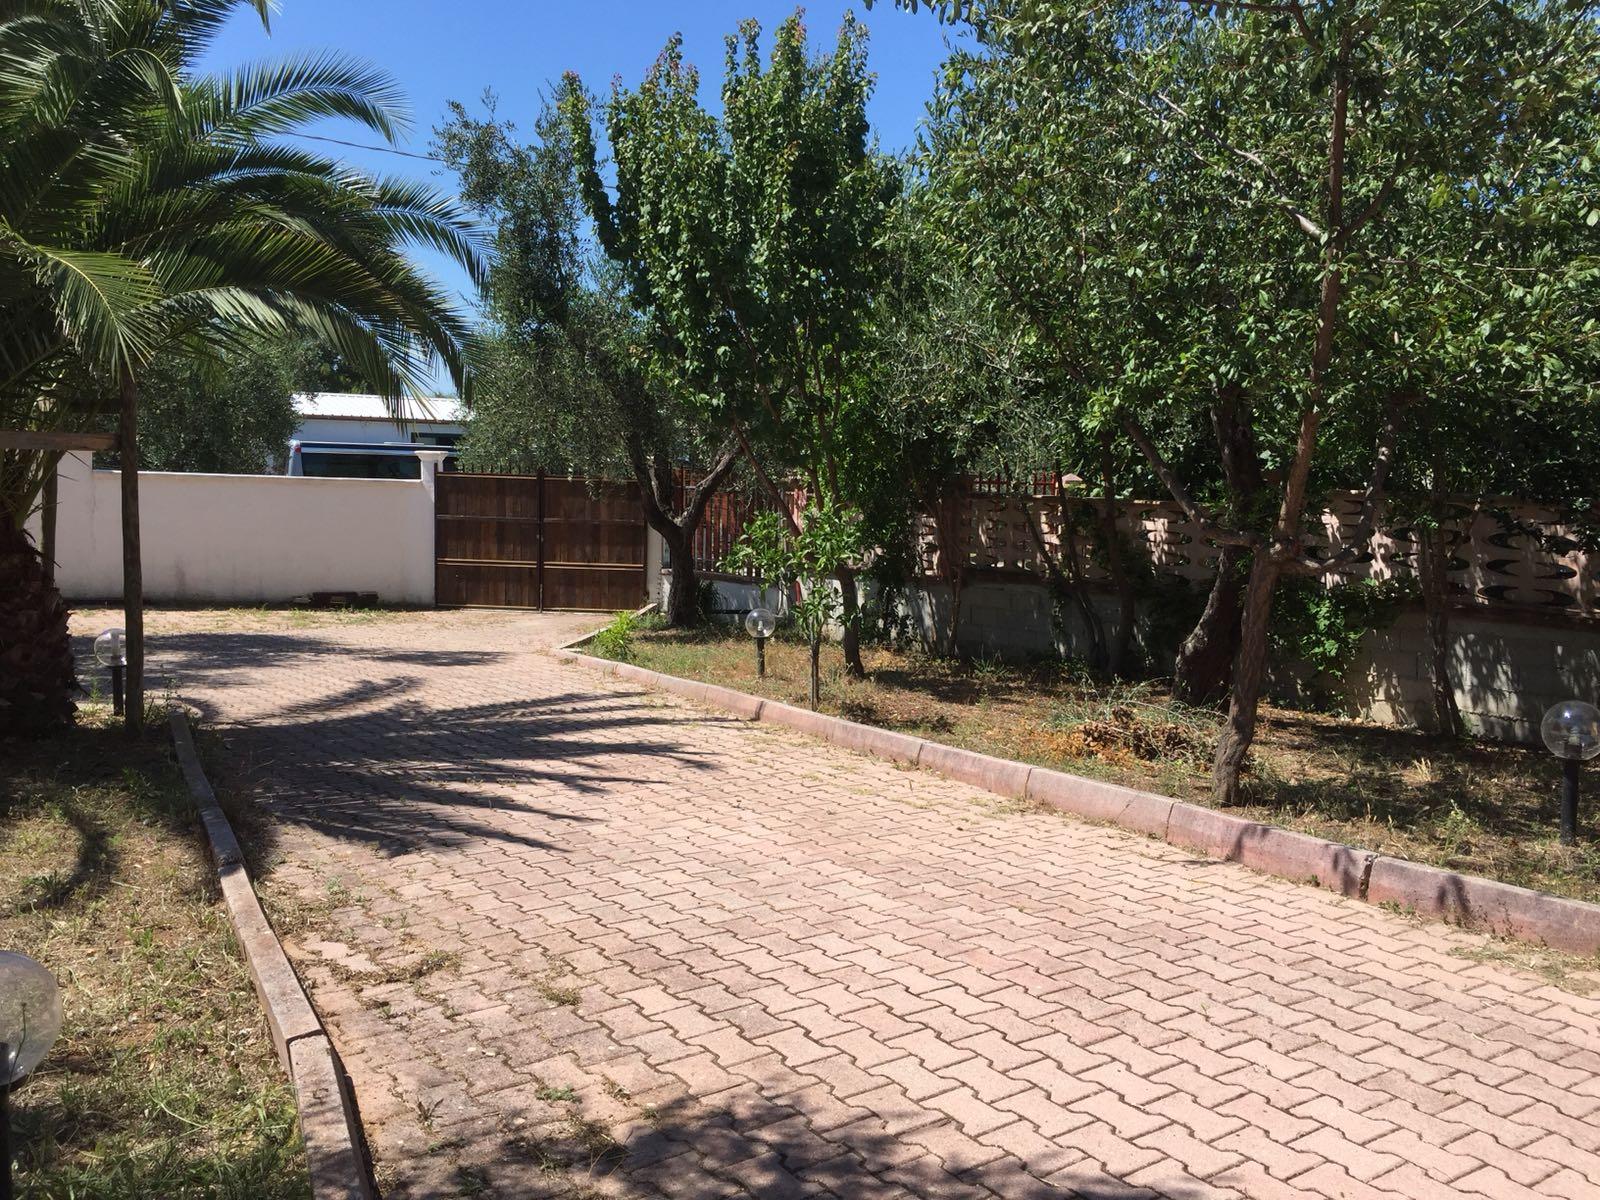 Appartamento in vendita a Vieste, 6 locali, prezzo € 150.000 | PortaleAgenzieImmobiliari.it